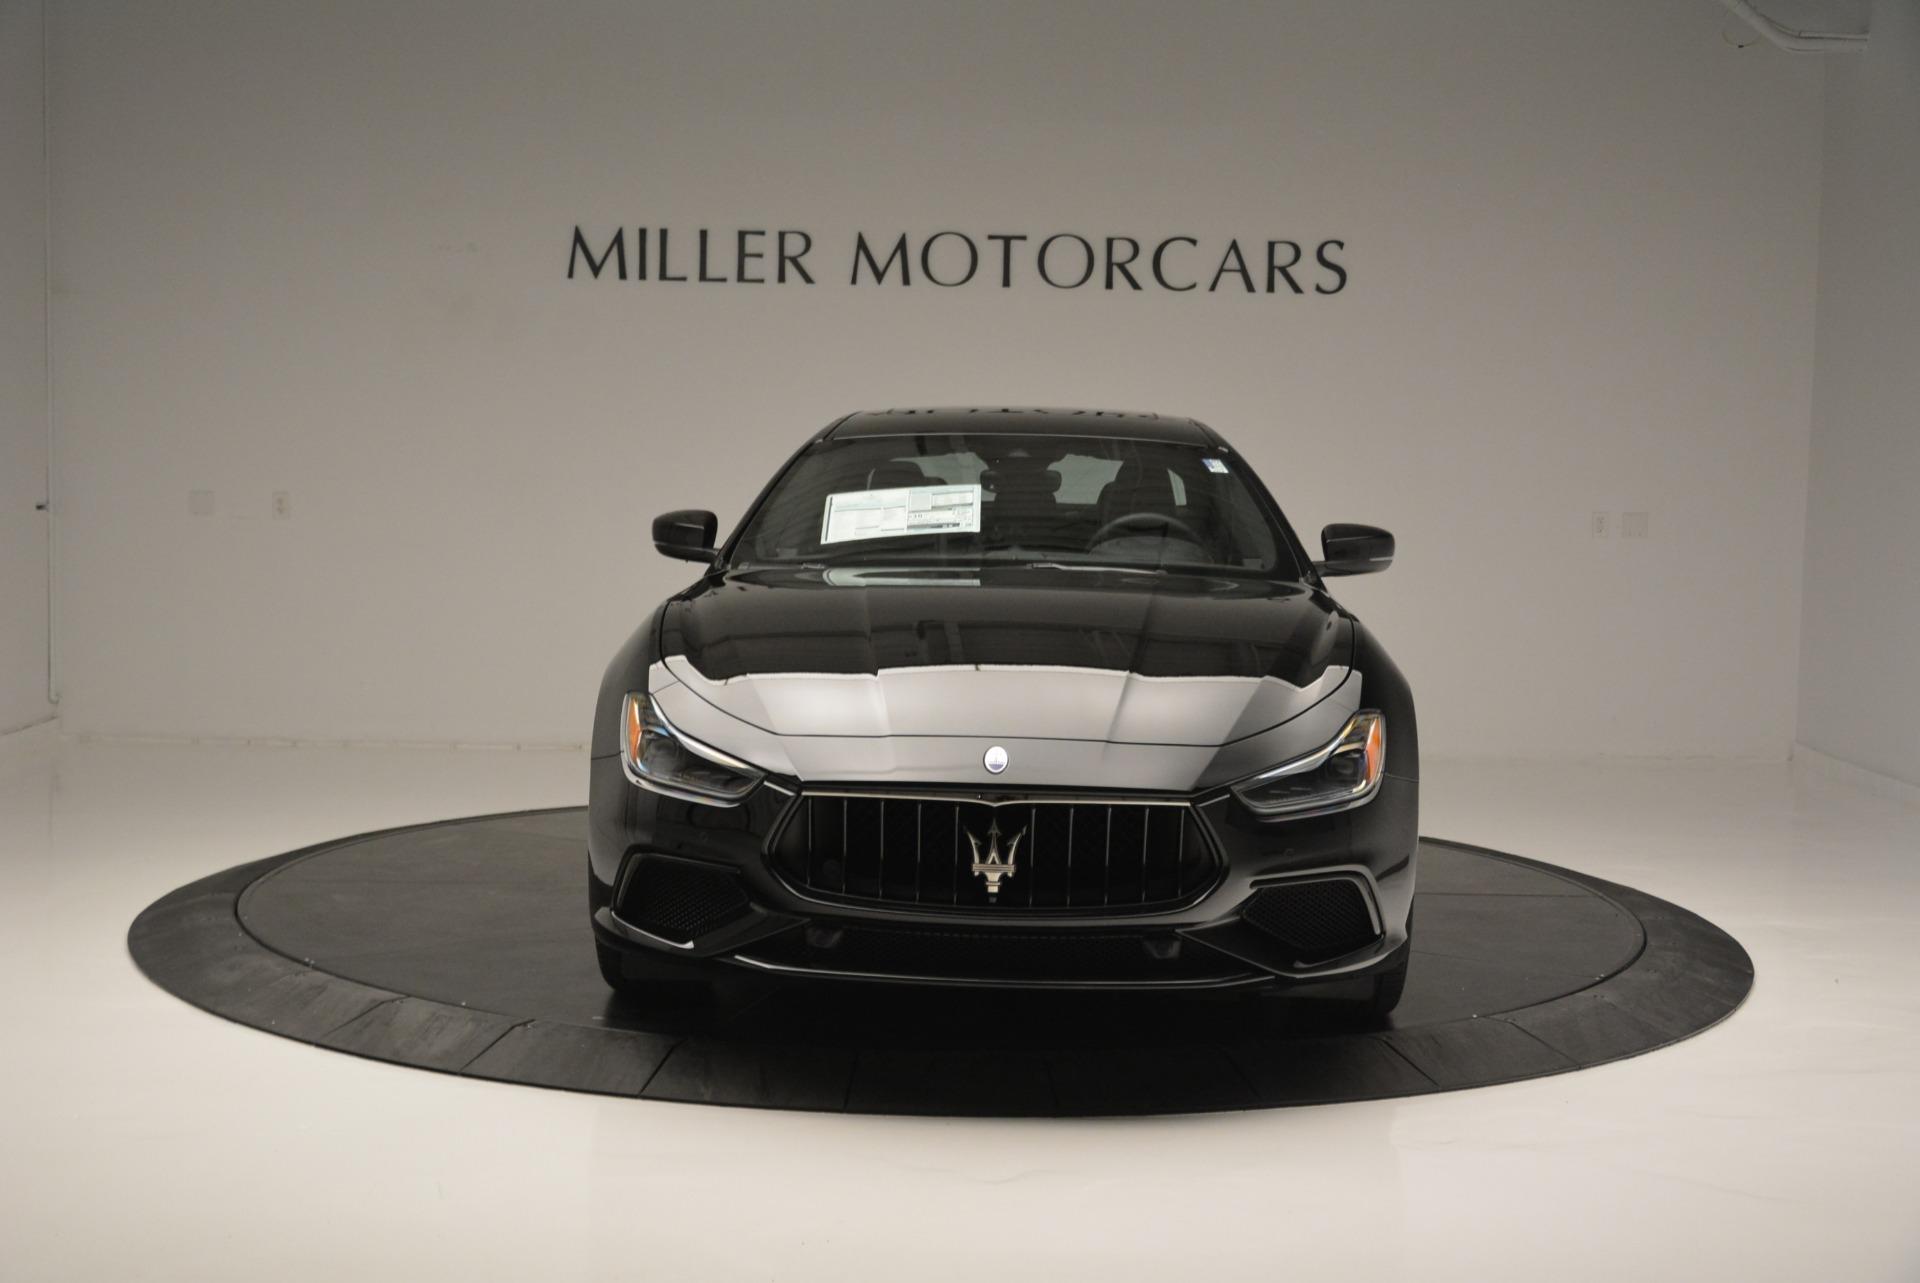 New 2018 Maserati Ghibli SQ4 GranSport Nerissimo For Sale In Greenwich, CT 2368_p12